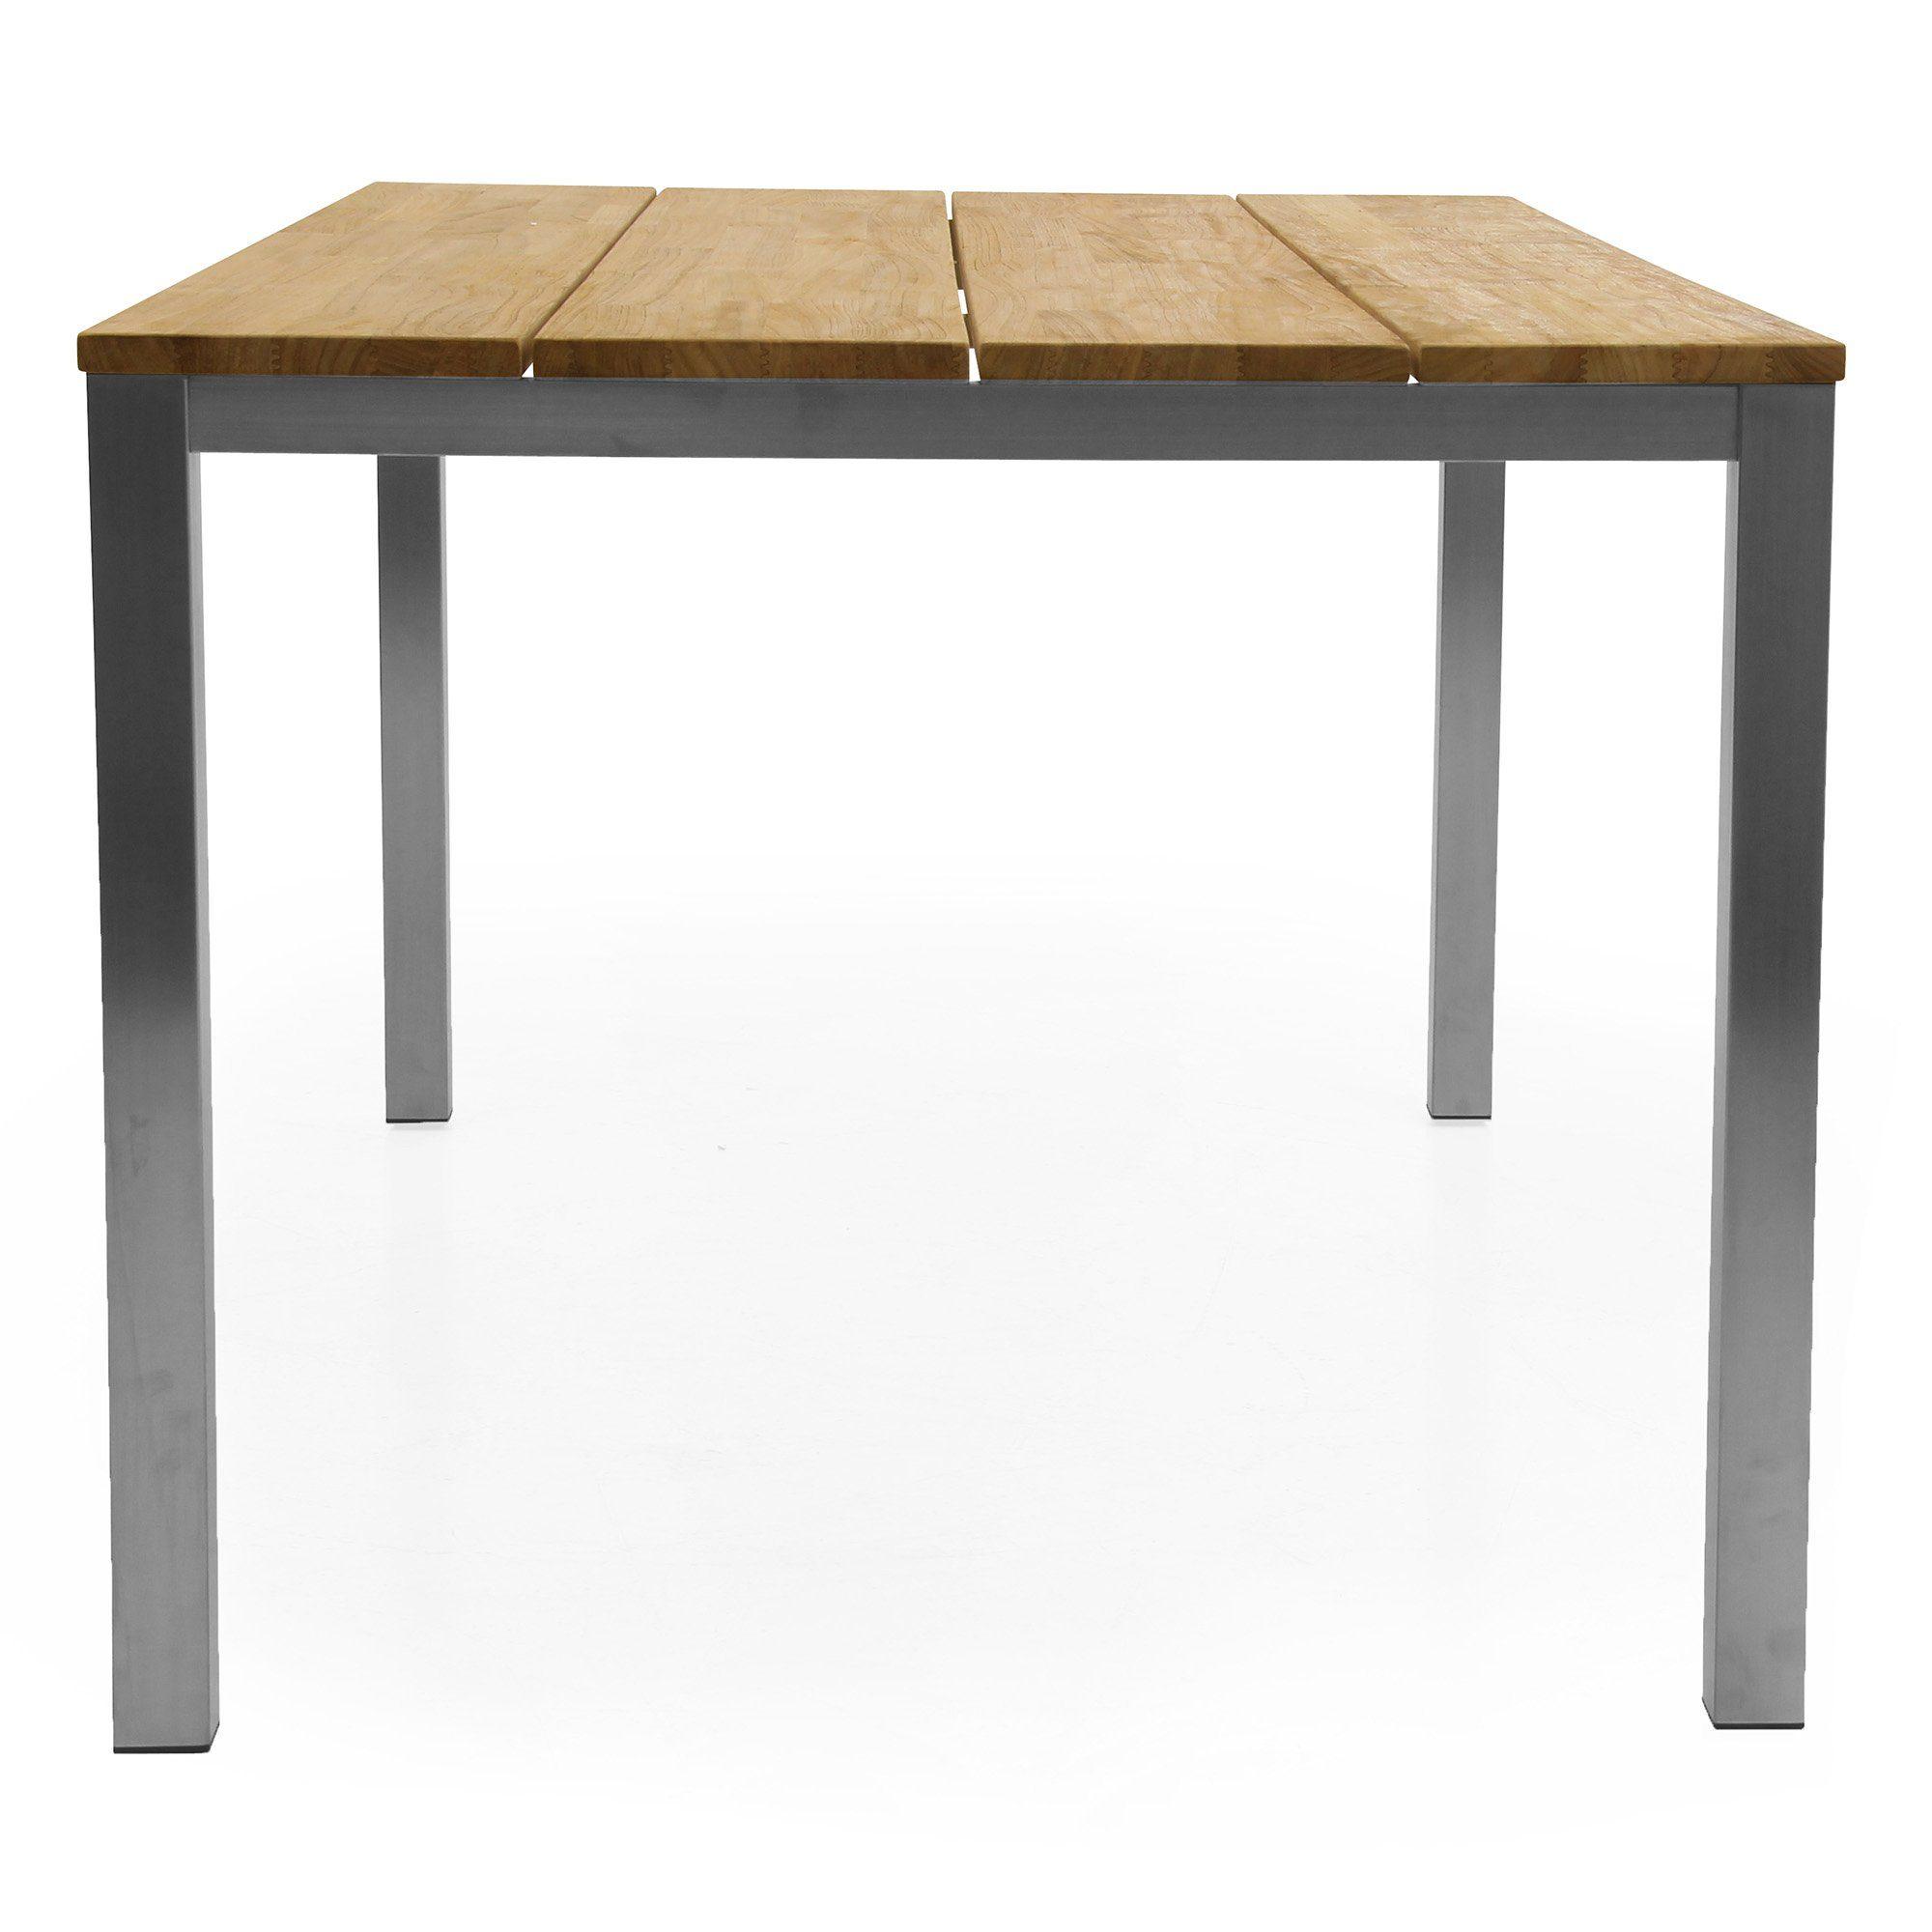 Hinton matbord i stål och teak från Brafab.